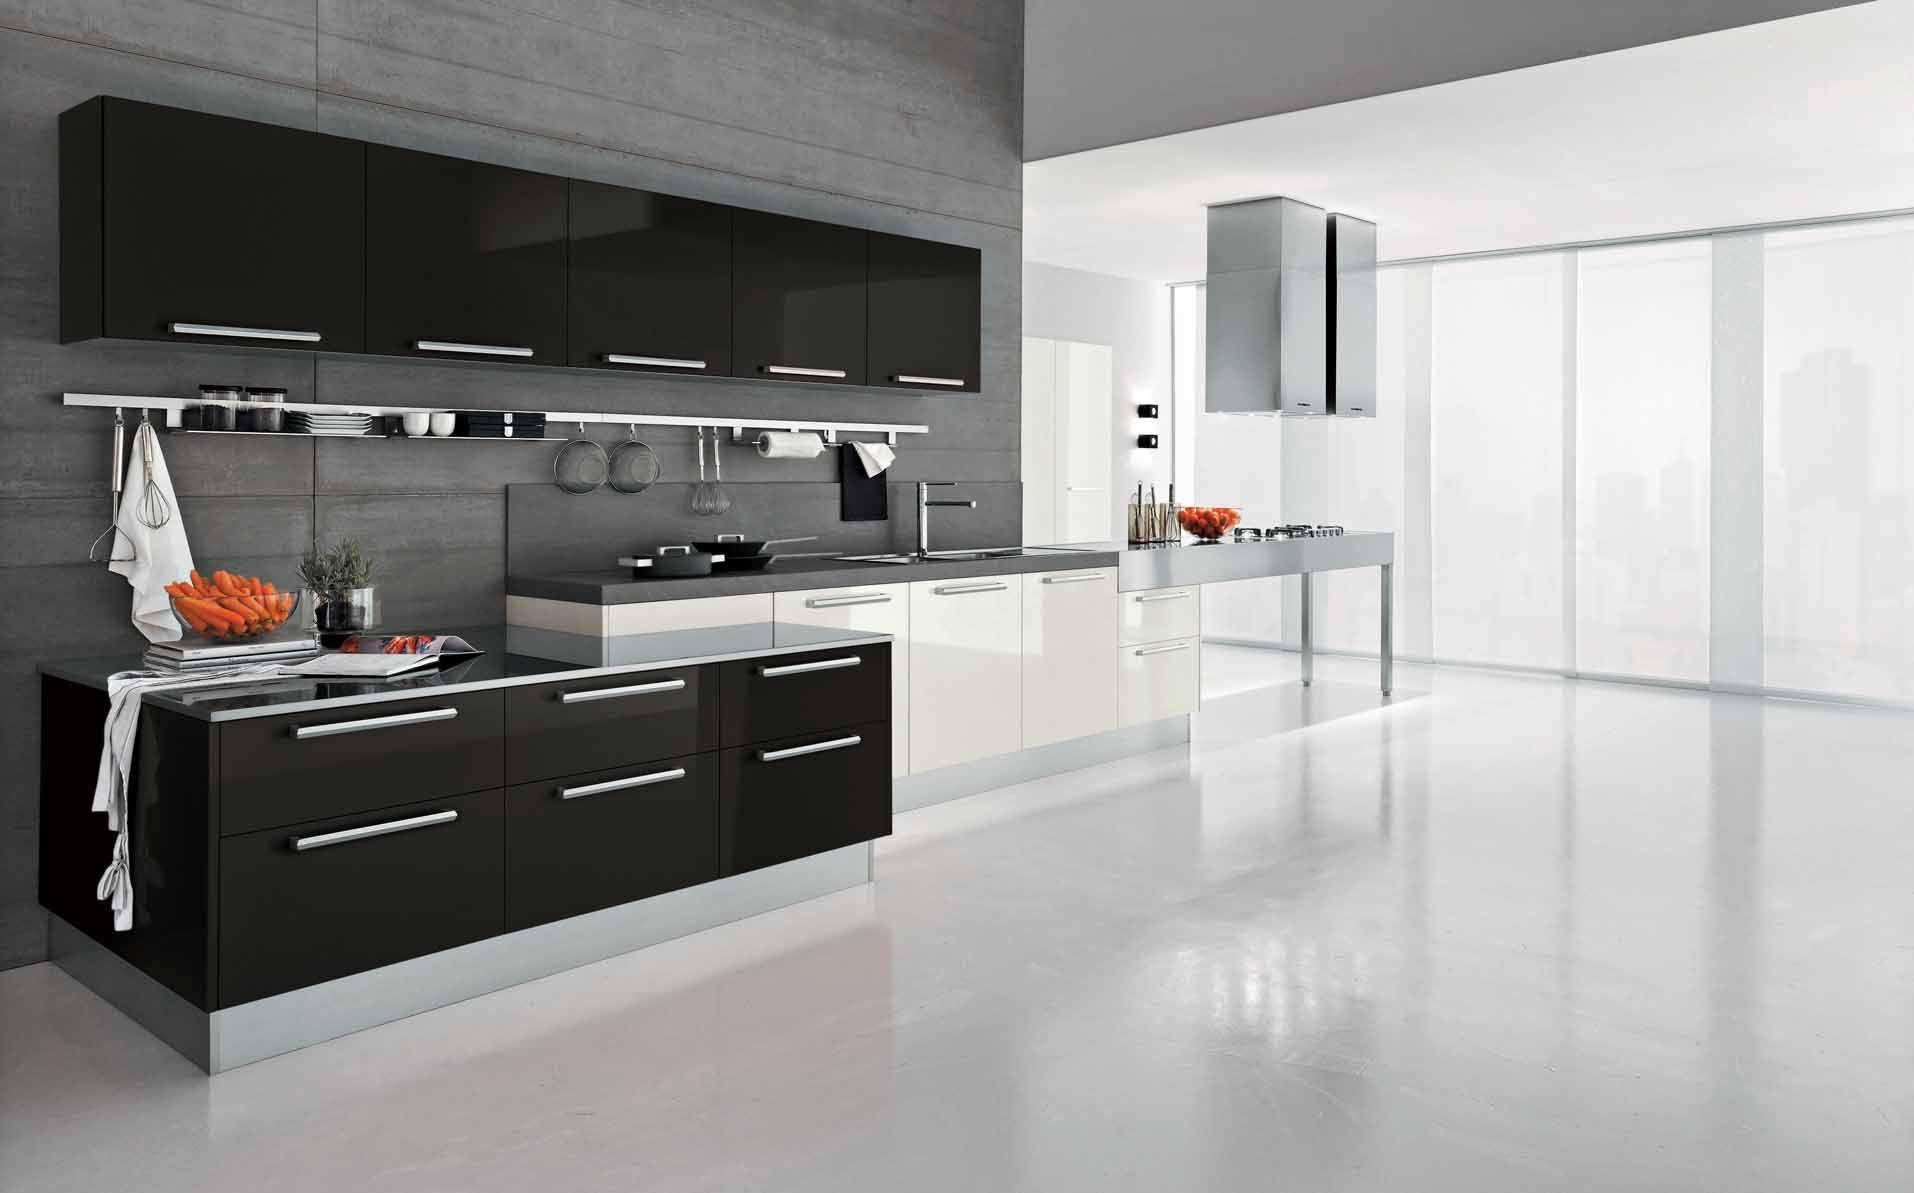 1000 ideas about modern kitchen design on pinterest modern. 50